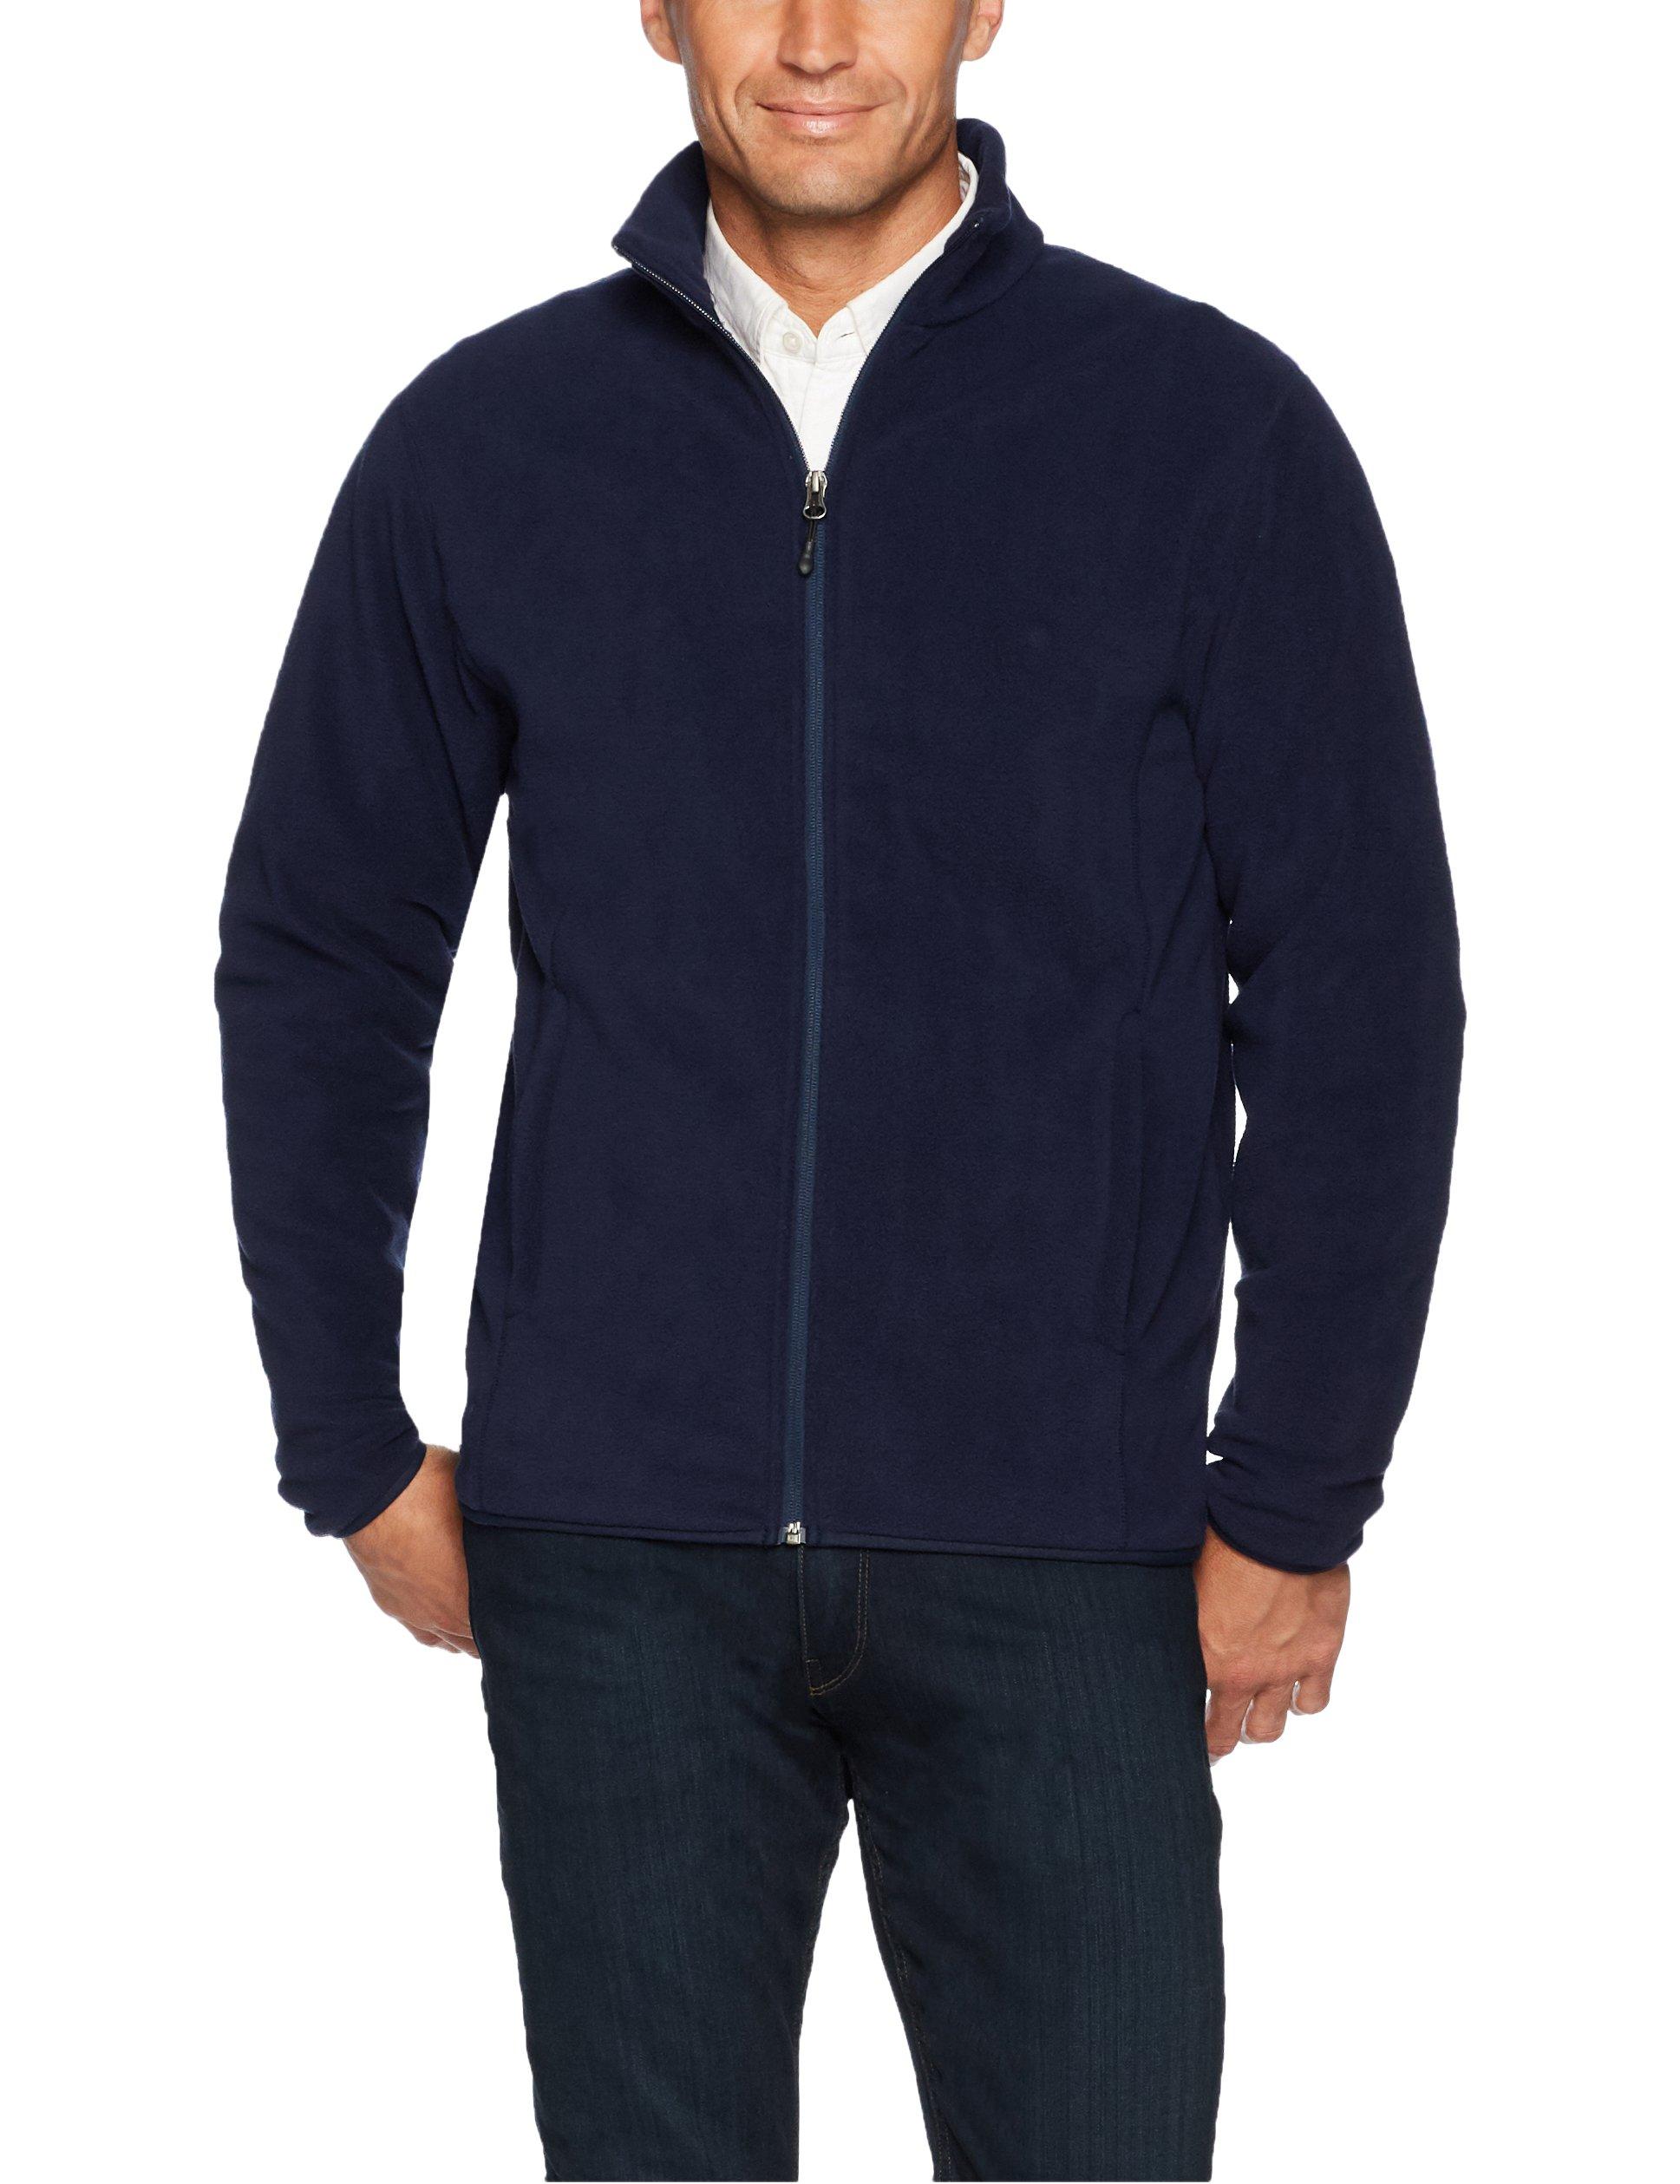 Amazon Essentials Men's Full-Zip Polar Fleece Jacket, Navy, Large